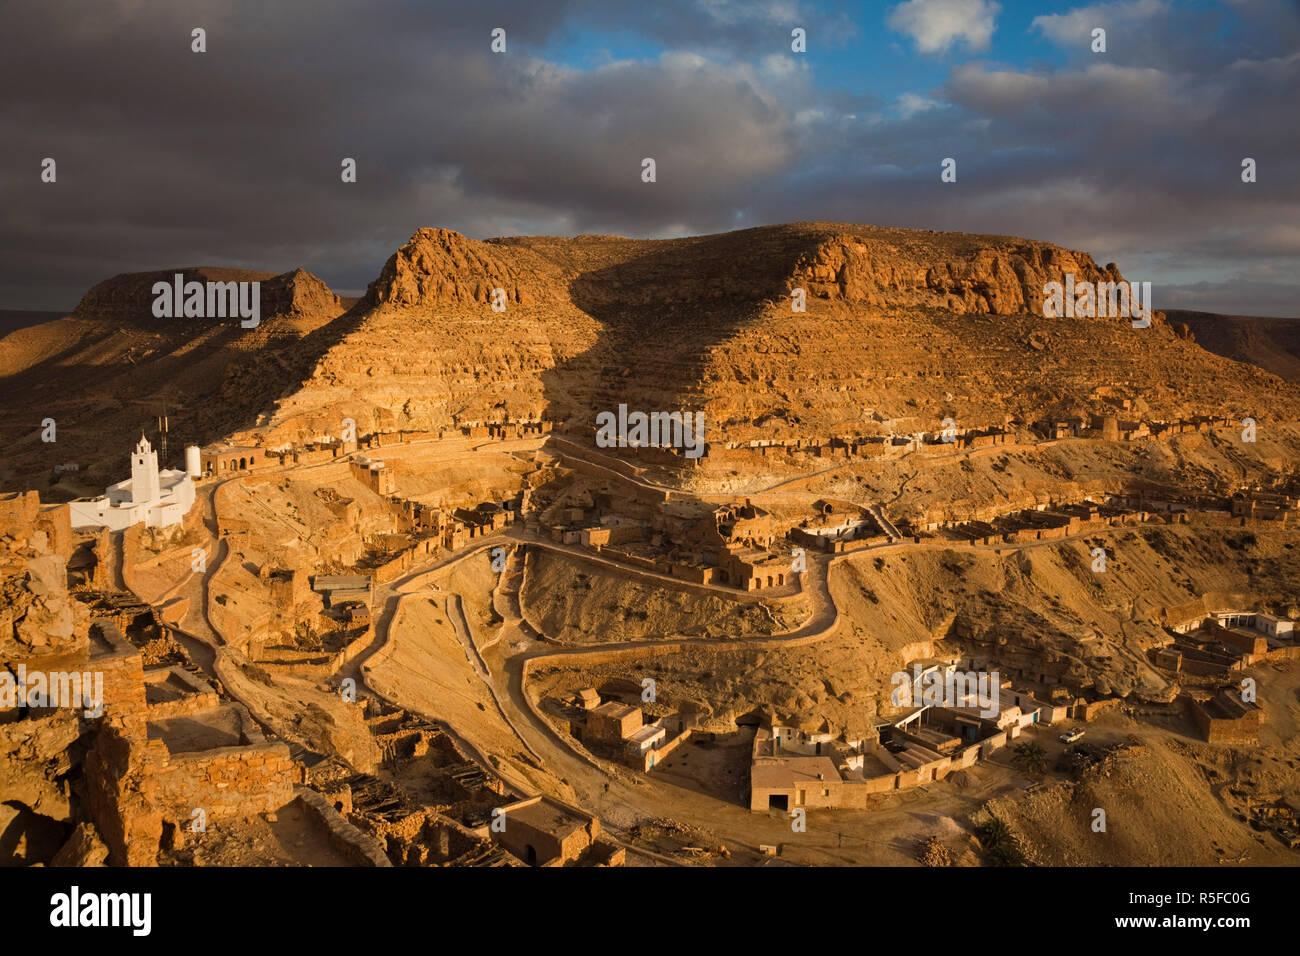 La Tunisie, Ksour, Chenini, village berbère, coucher de soleil vue mosquée Photo Stock